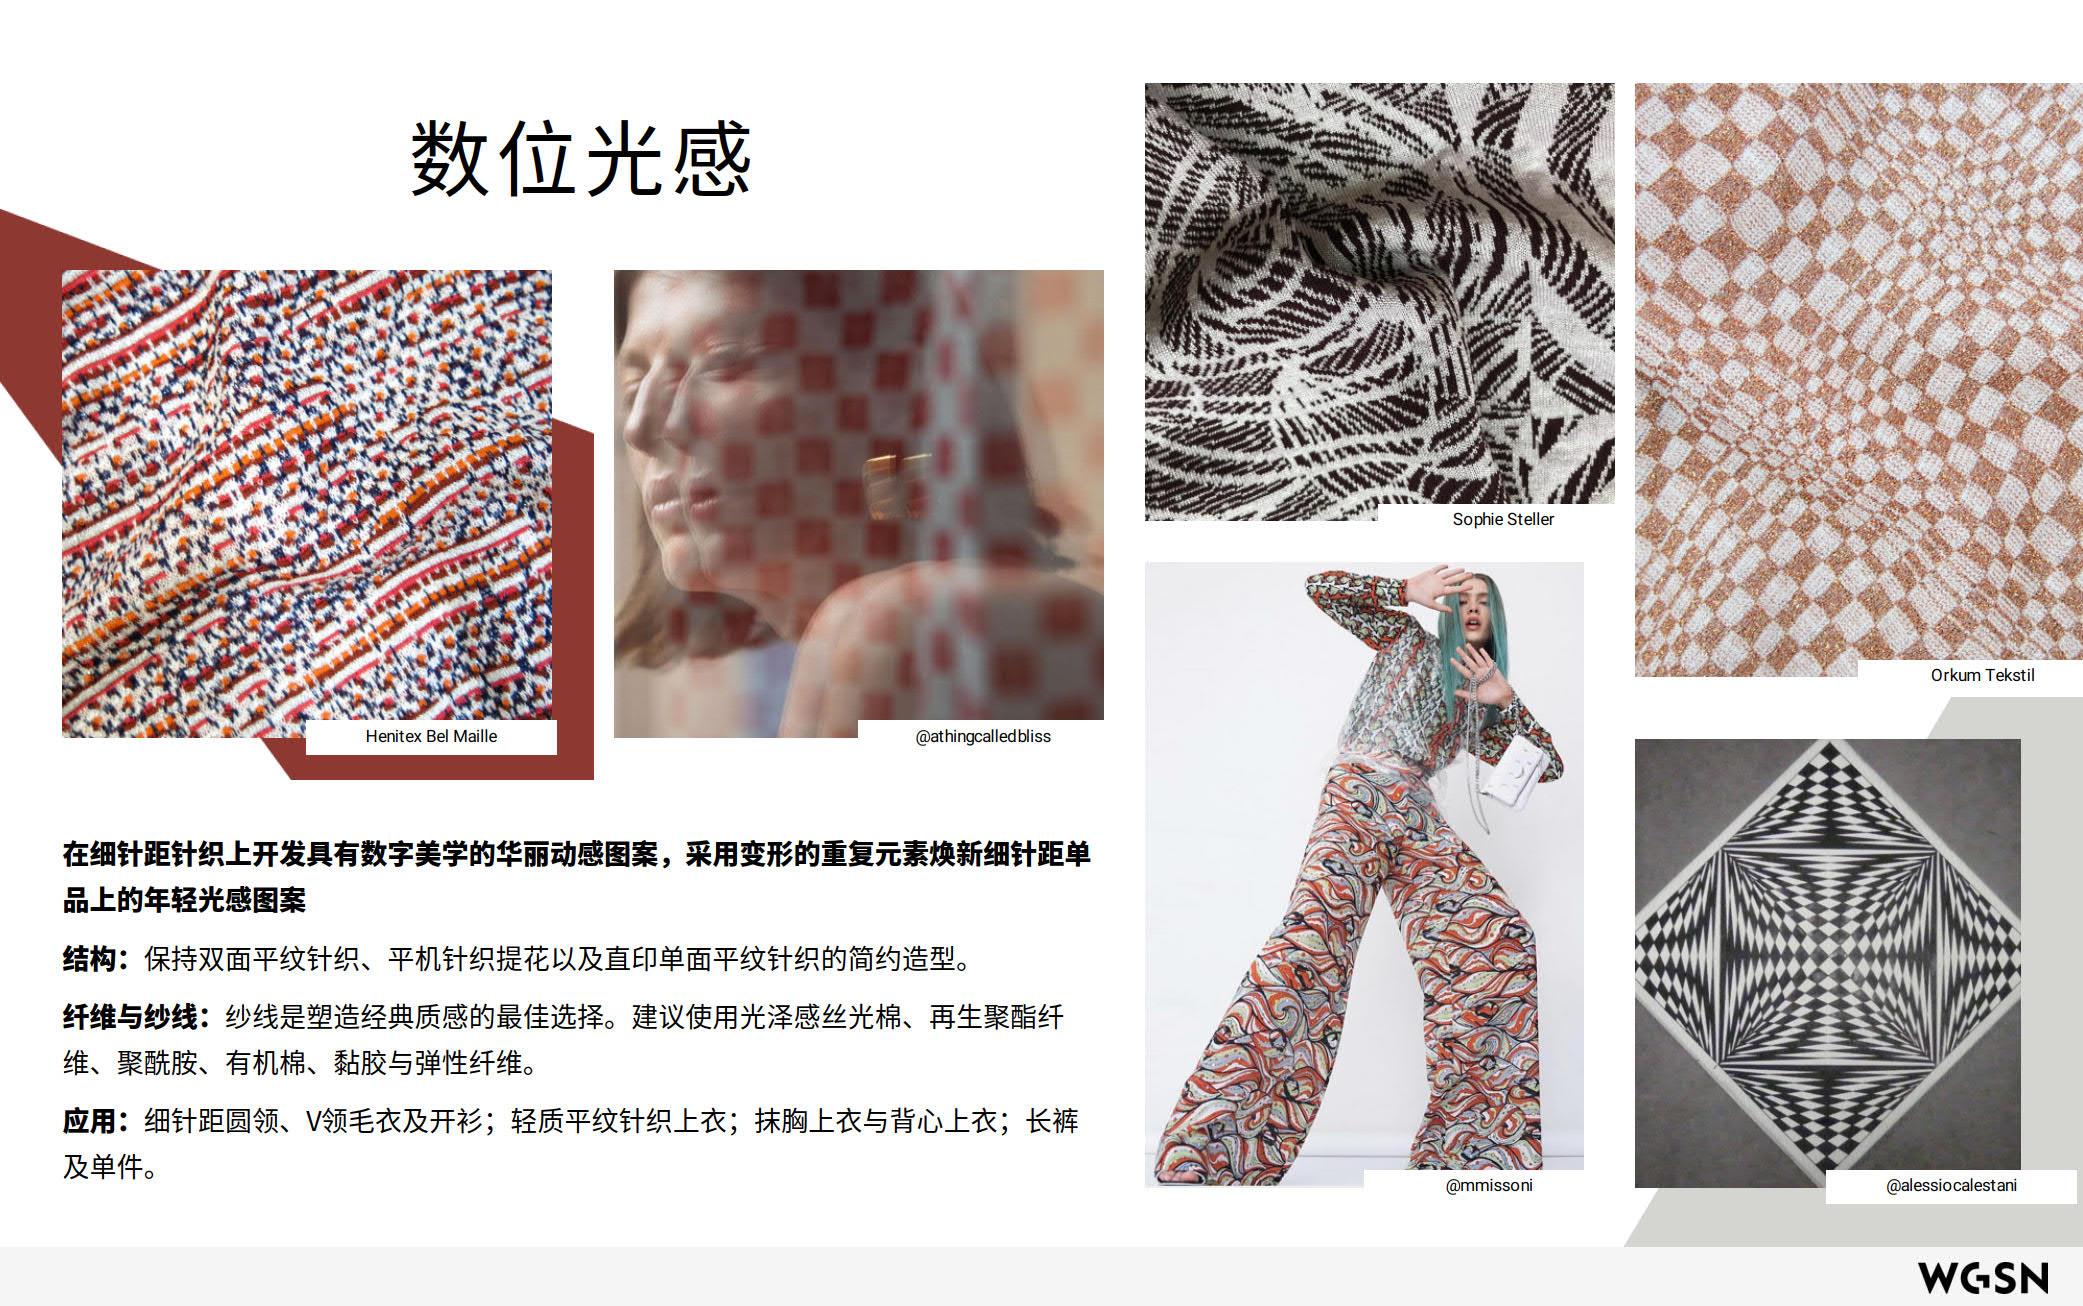 2021年春夏女士针织服装风格趋势概念:炫境-POP花型网